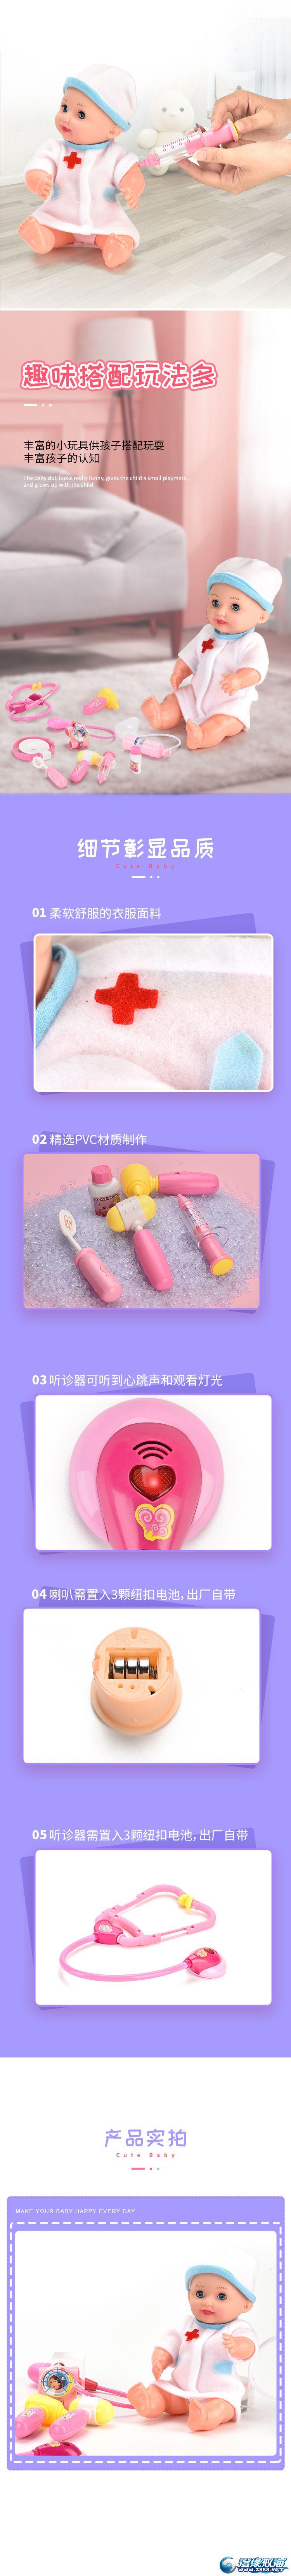 盛达玩具厂-(-0912W-29)-婴儿医疗套装-中文详情页_03.jpg